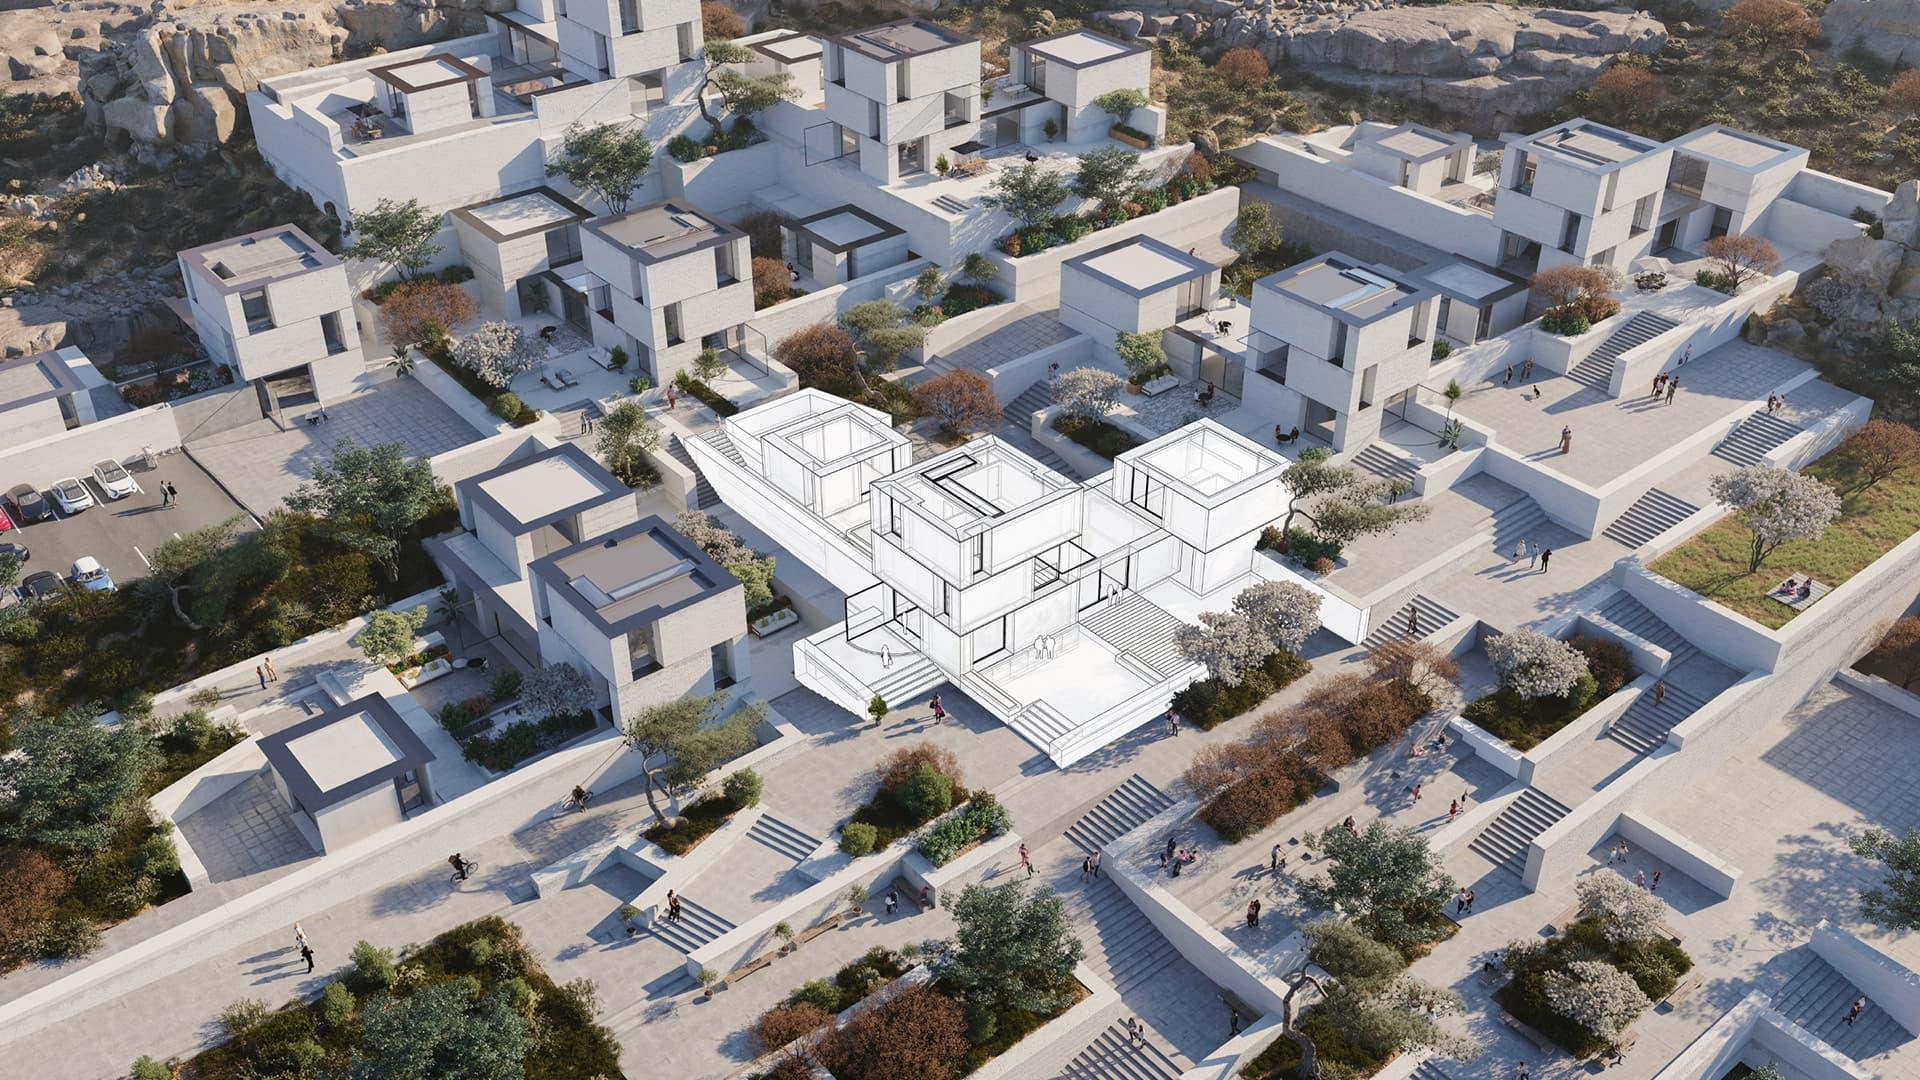 مزايا برنامج سكتش اب : برنامج عملي في مشاريع التخطيط : Urban-Planning